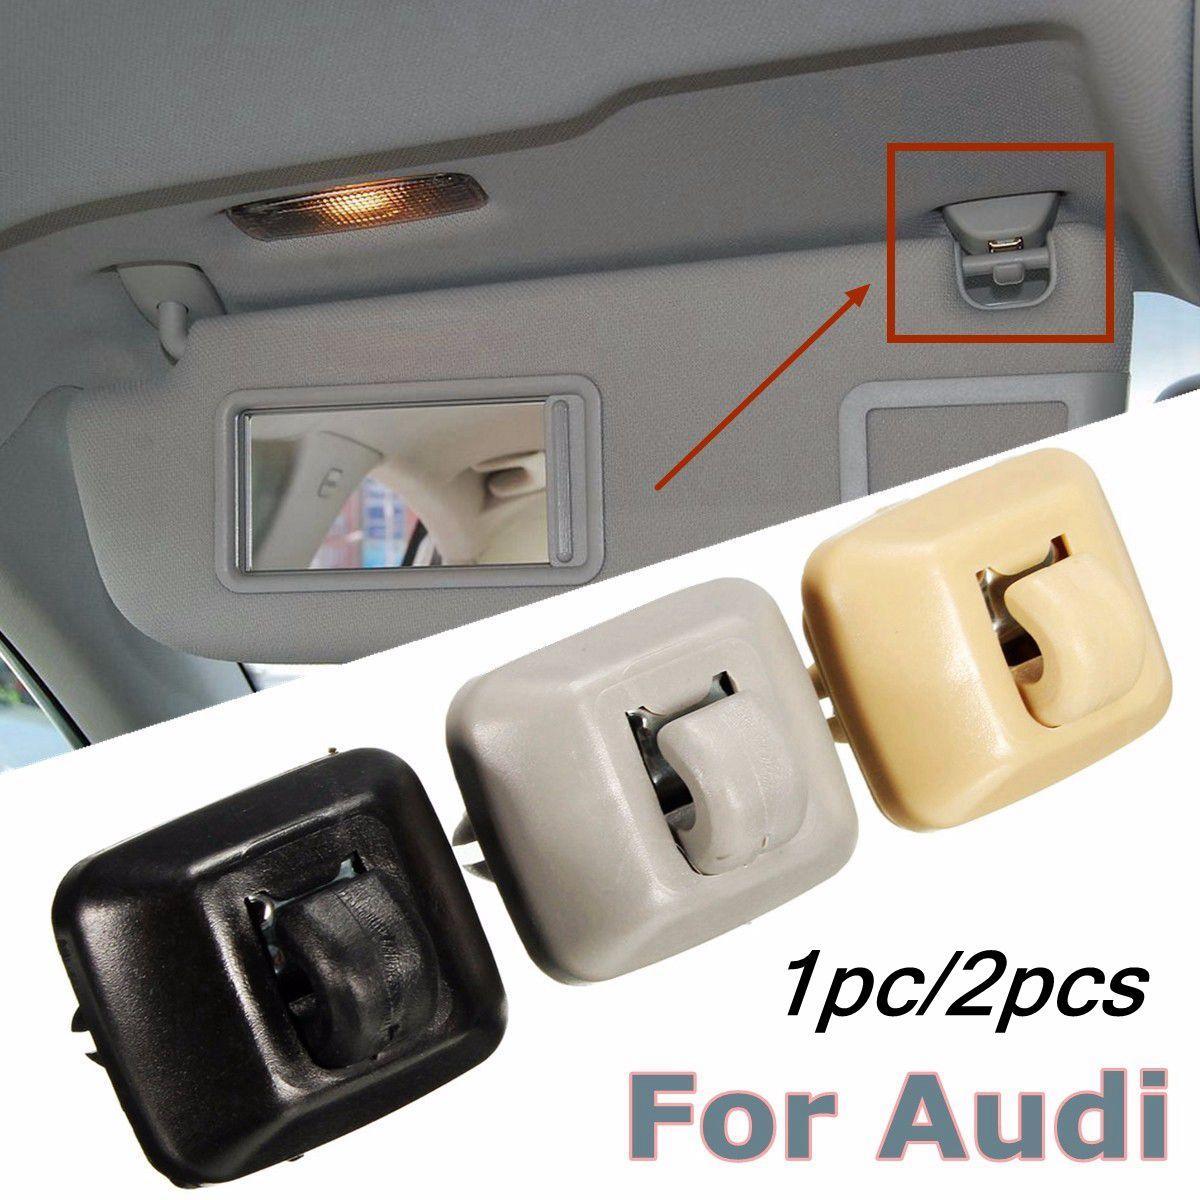 2 шт. черный/серый/бежевый Внутренний солнцезащитный козырек вешалка крюк зажим Кронштейн Подходит для Audi A1 A3 A4 A5 Q3 Q5 2013 2015 8E0857562A 8E0857562|Клипсы и зажимы для авто|   | АлиЭкспресс